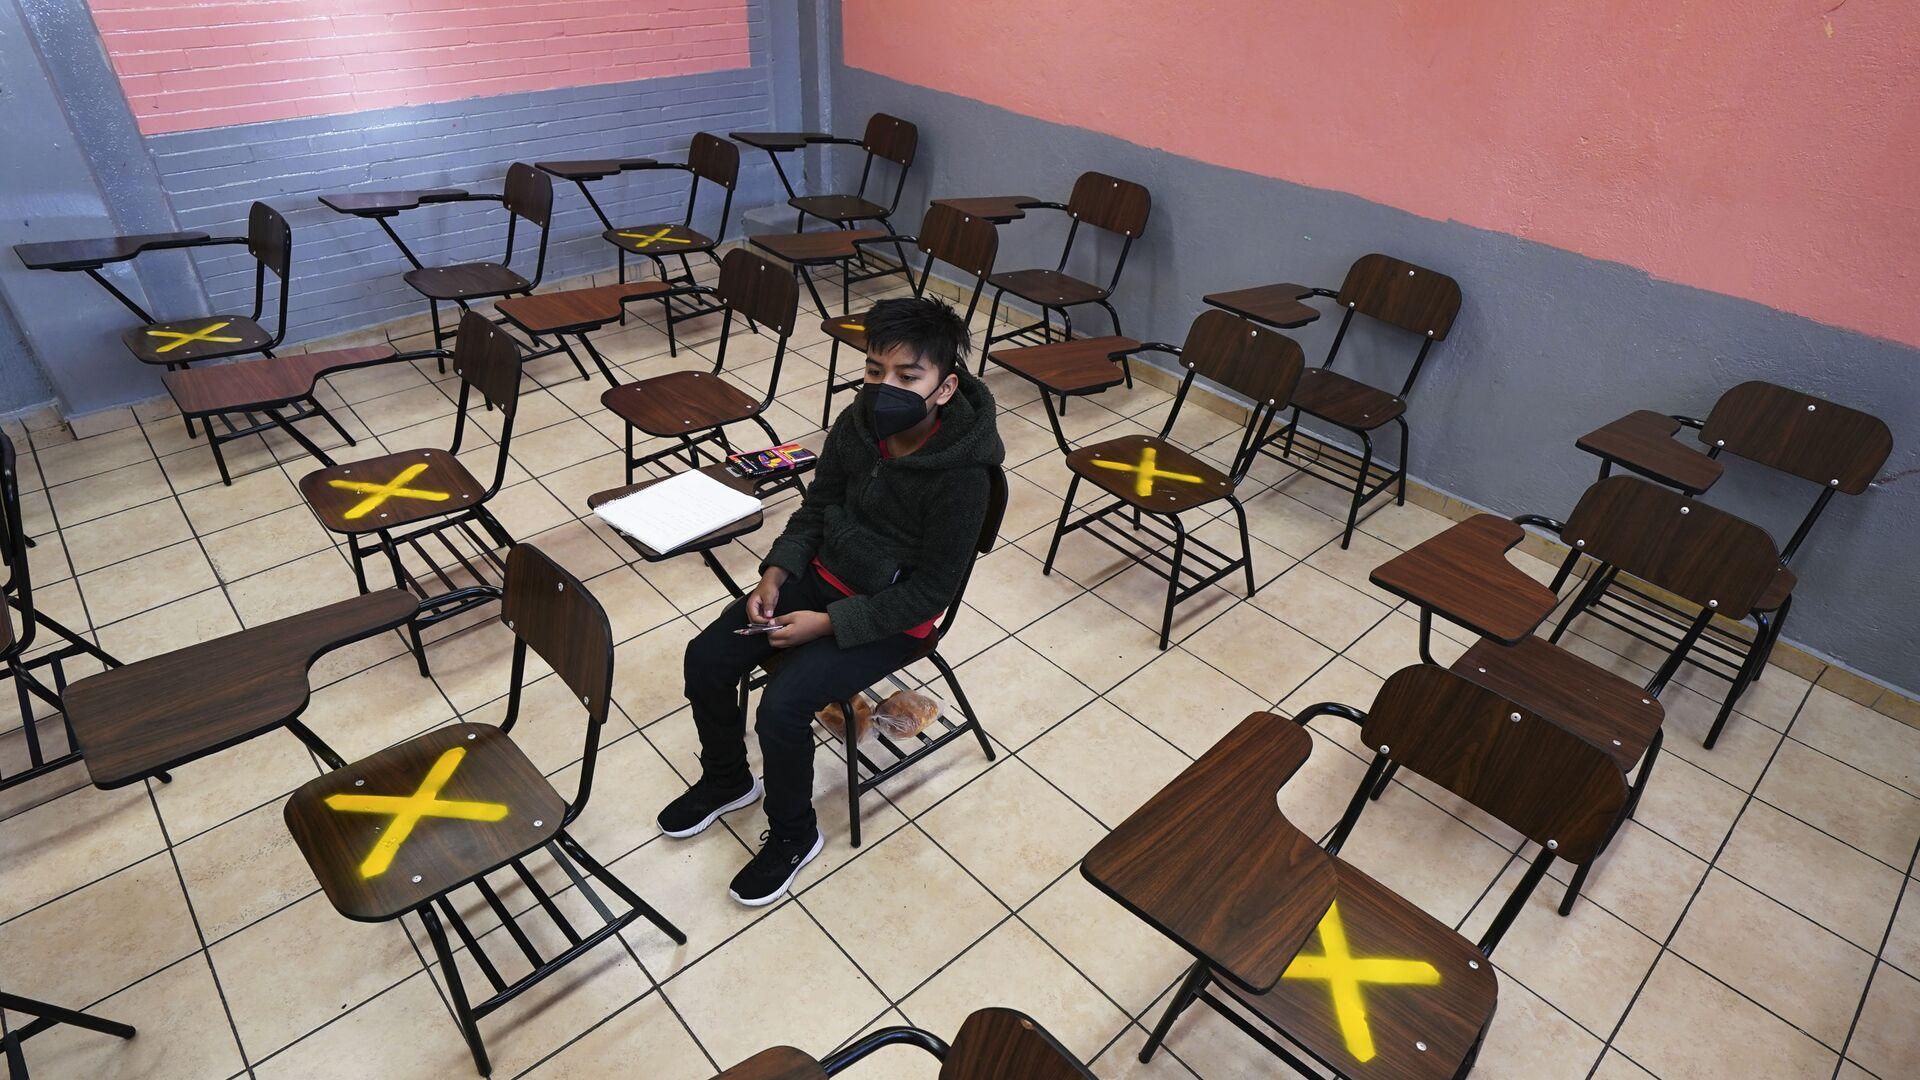 Žák během individuální výuky ve škole v Iztacalco, Mexiko - Sputnik Česká republika, 1920, 22.09.2021